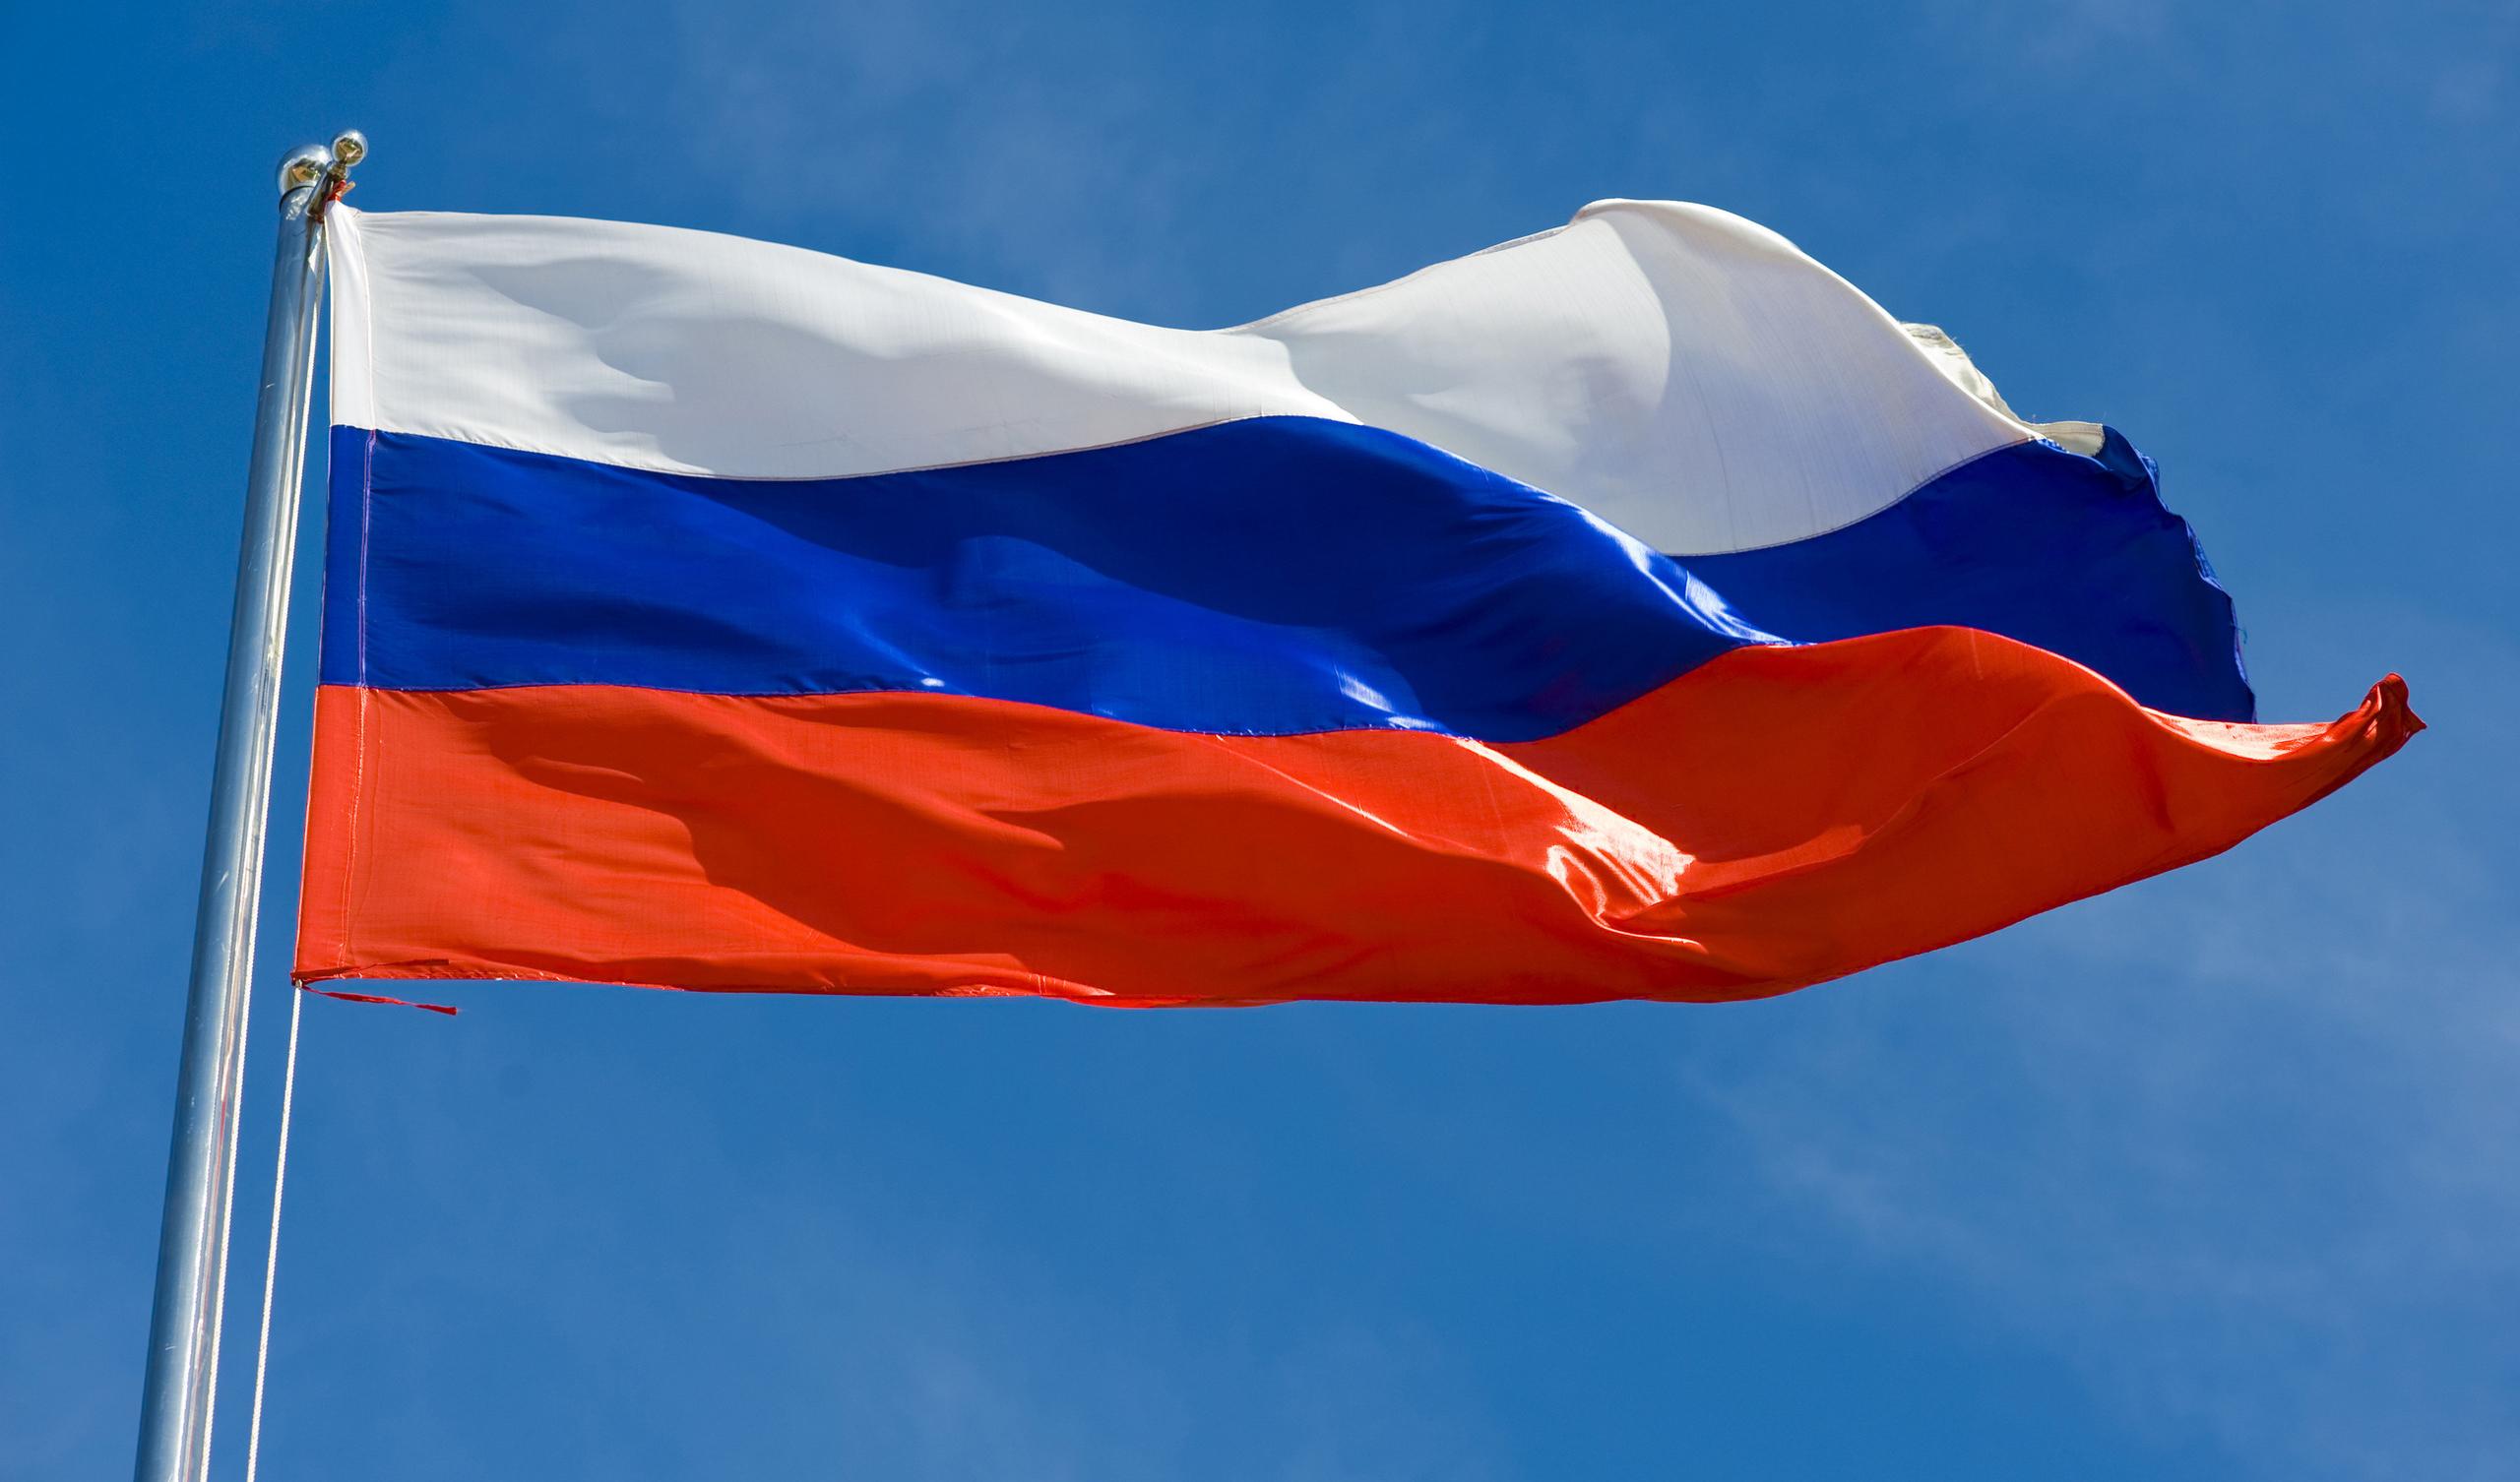 ذخایر ارزی و طلای روسیه ۵ میلیارد دلار رشد کرد